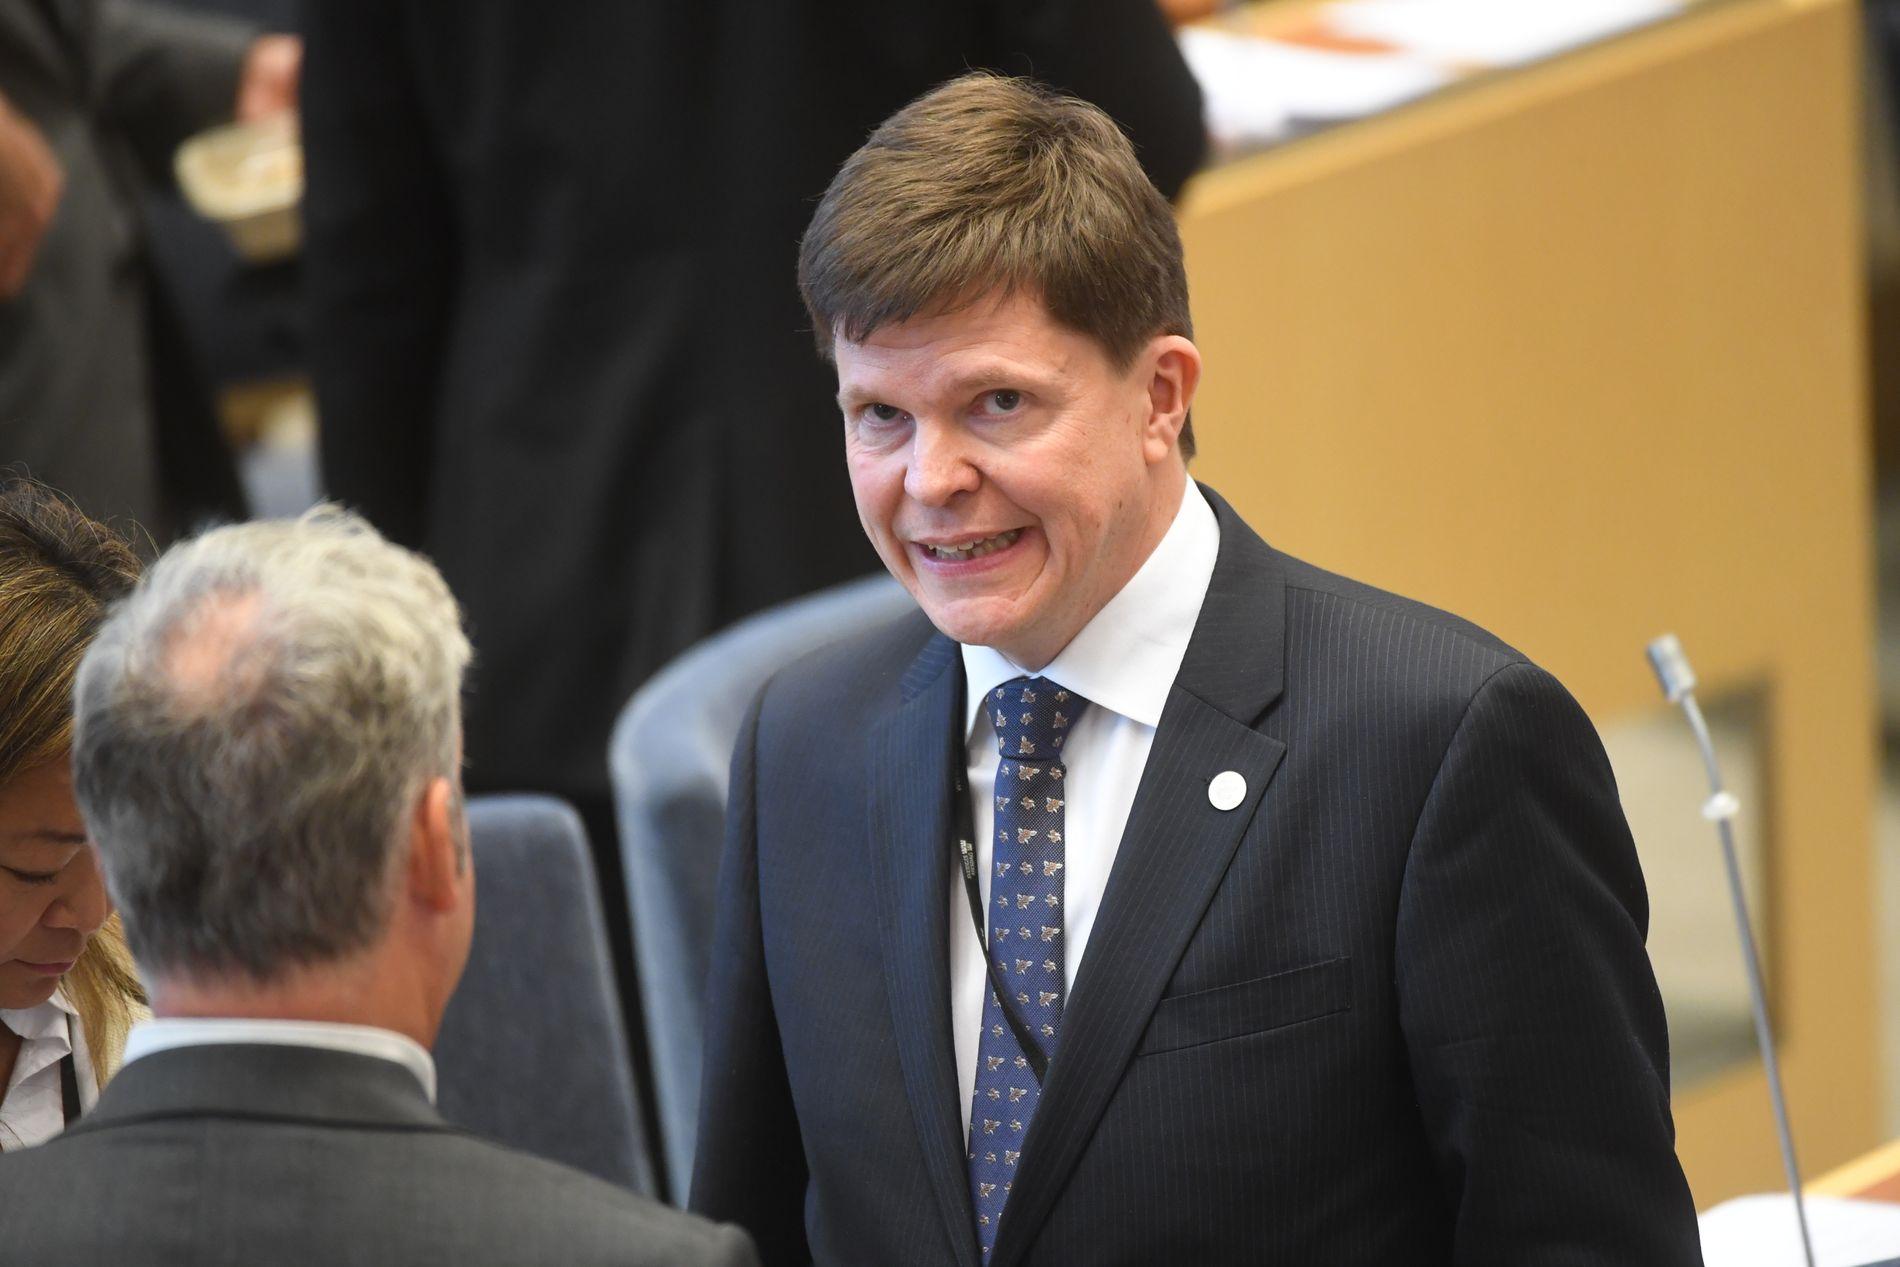 STATSMINISTERJAKT: Riksdagens nye talmann, Andreas Norlén fra Moderaterna, skal forsøke å finne en ny statsminister i Sverige, etter at Stefan Löfven tirsdag ble nedstemt.